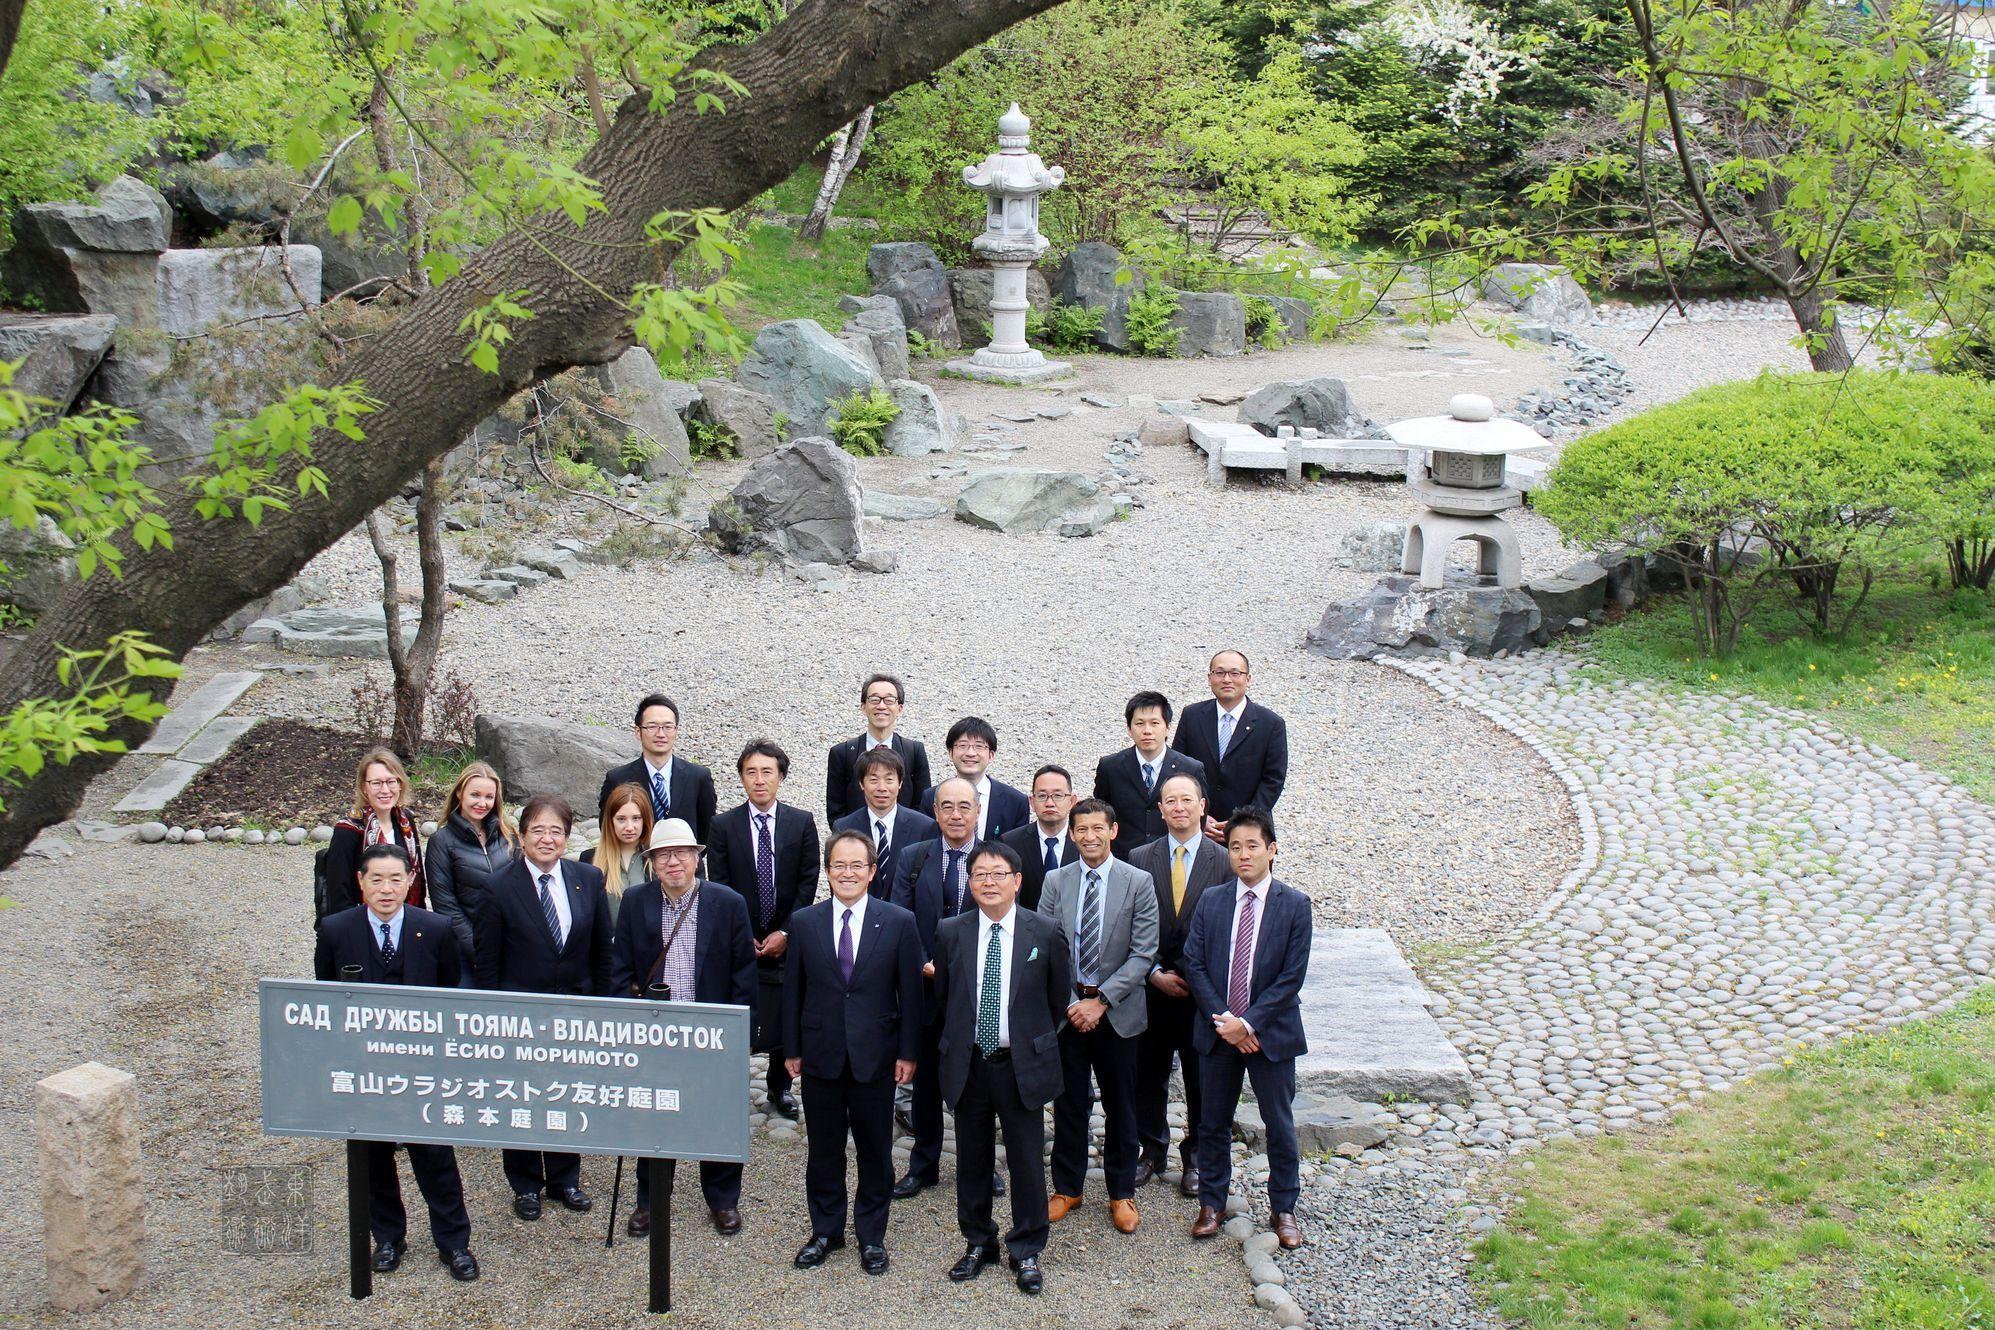 Юбилей дружбы с японской префектурой